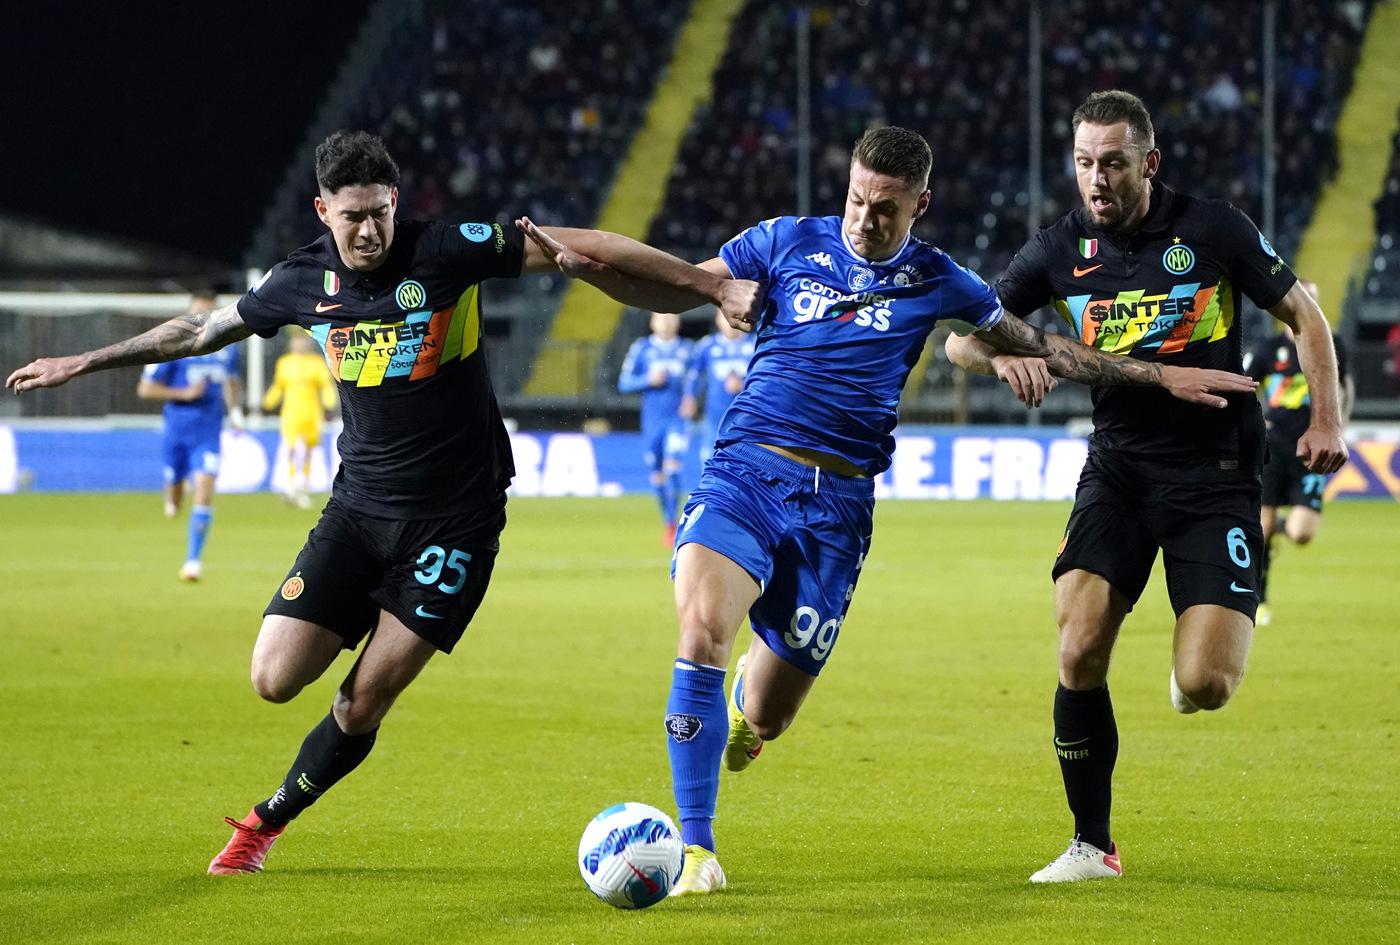 VIDEO Empoli Inter 0 2: gol dalla difesa e un'espulsione. Il film del match